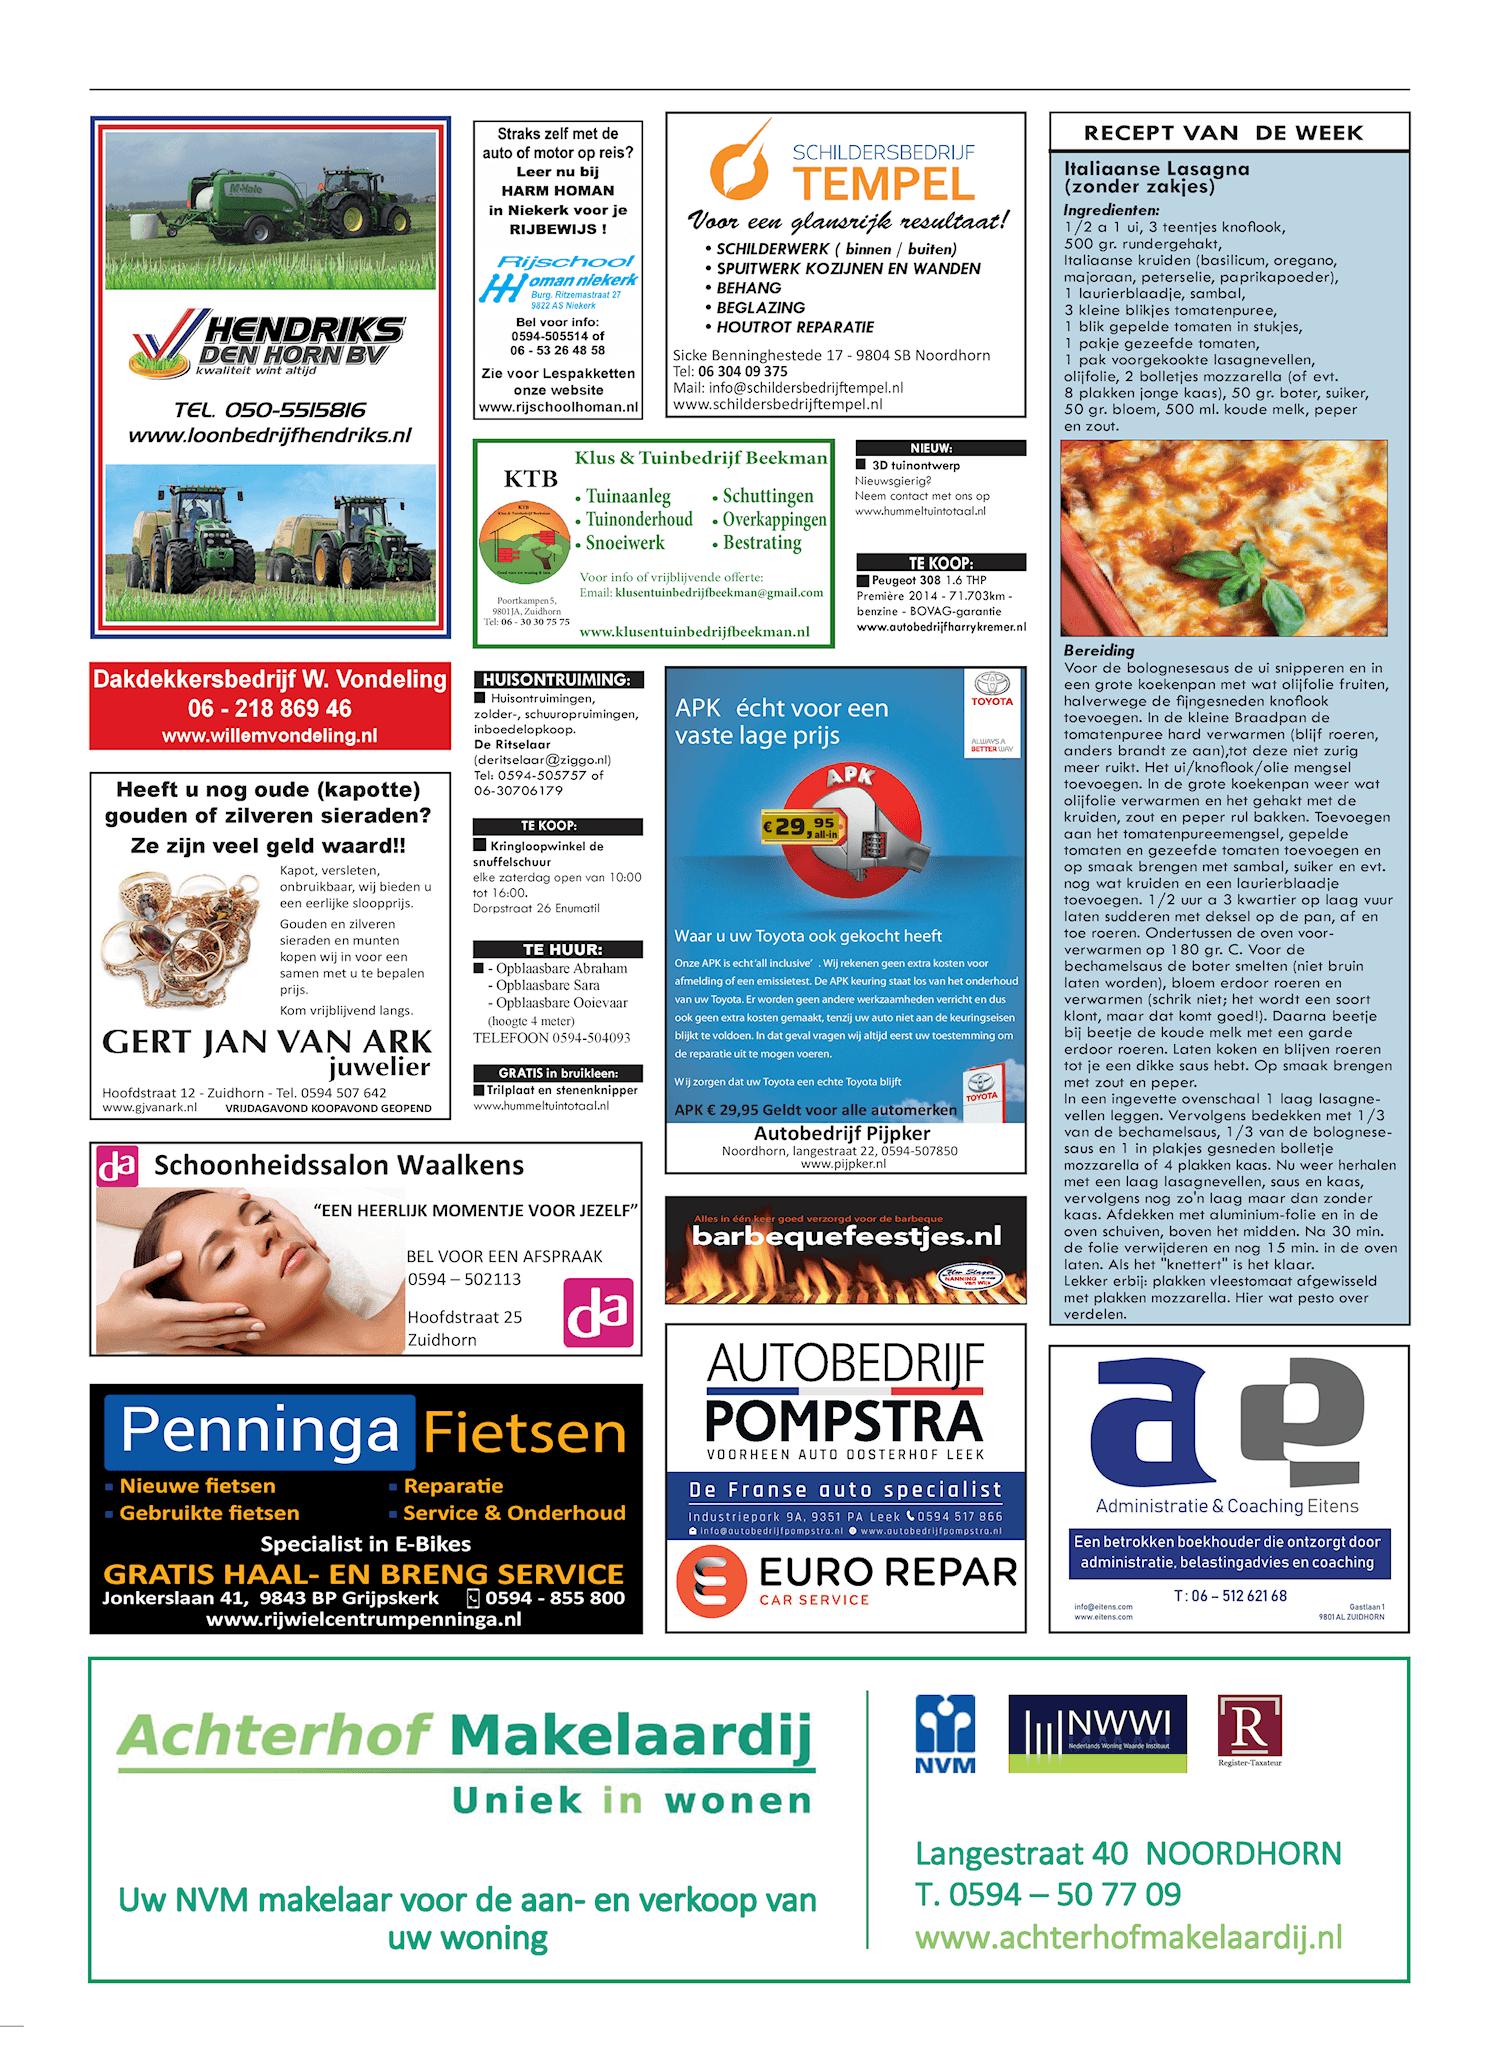 Drukkerij Hekkema - Zuidhorn - Zaken die uw aandacht vragen 2019 week 36